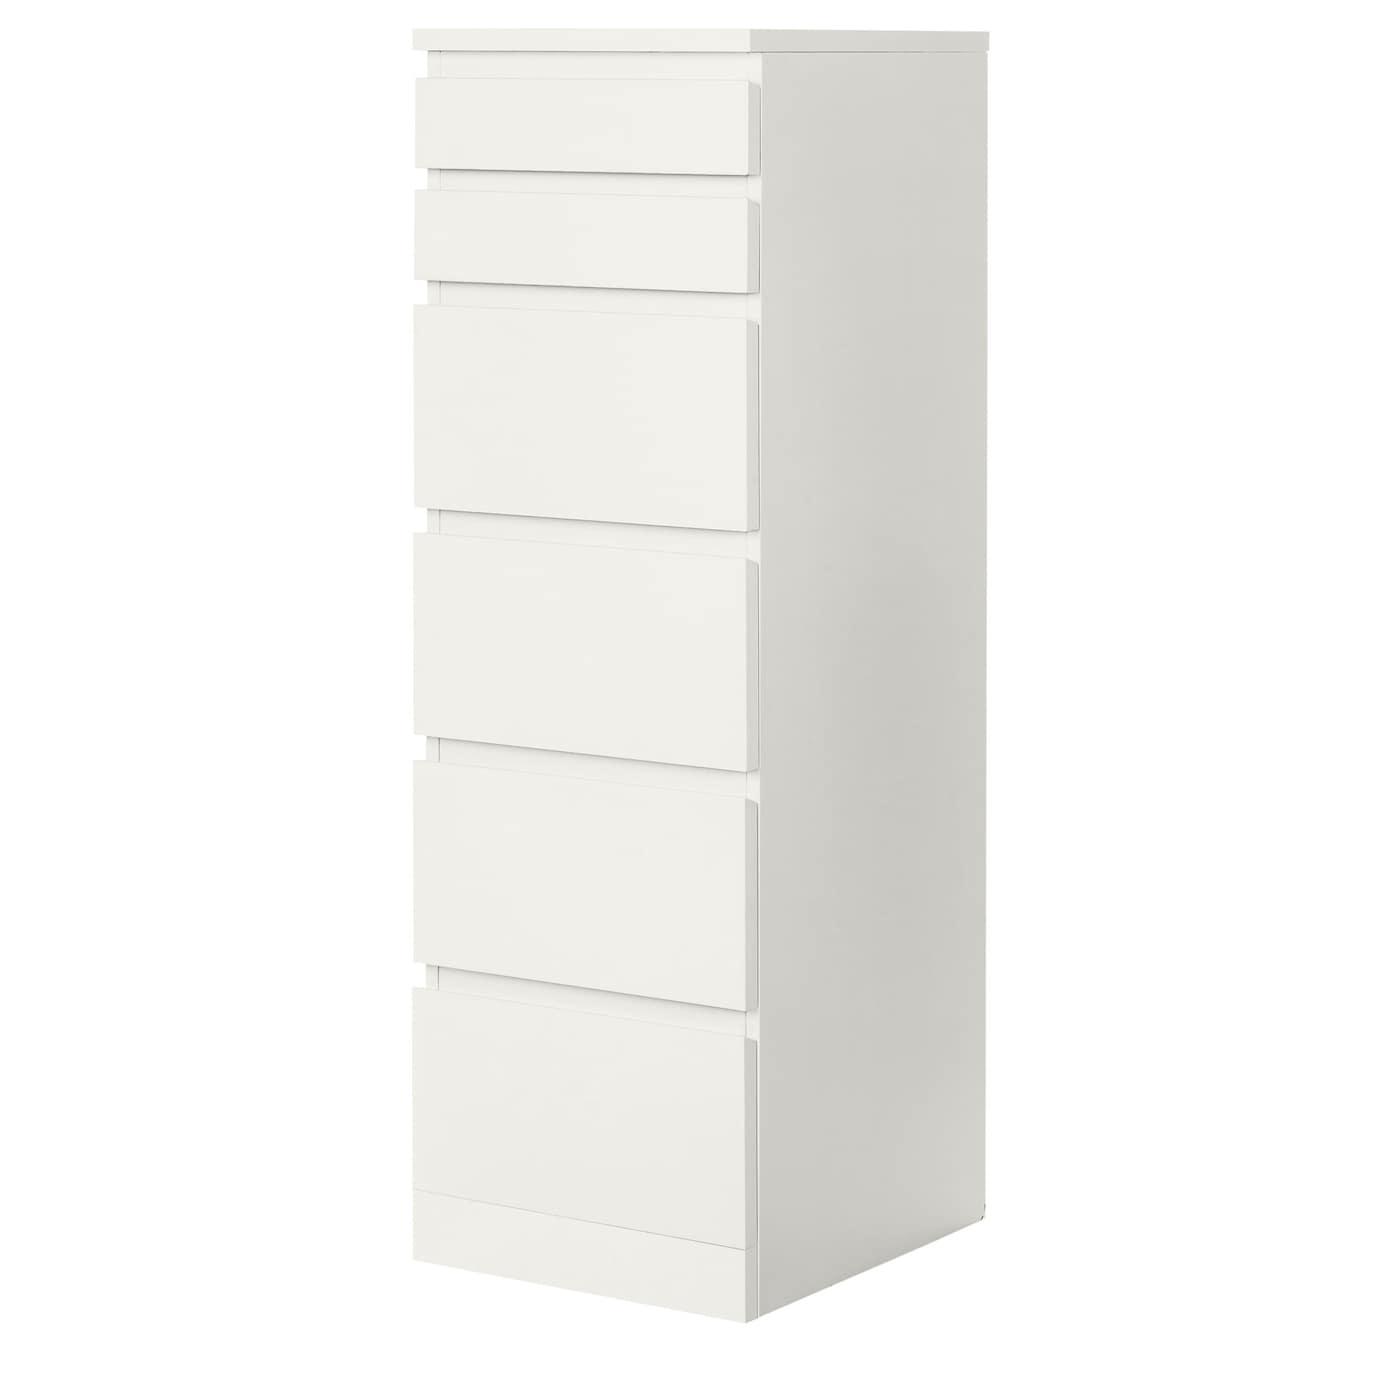 Cassettiera Malm Ikea Usata.Malm Cassettiera Con 6 Cassetti Bianco Vetro A Specchio 40x123